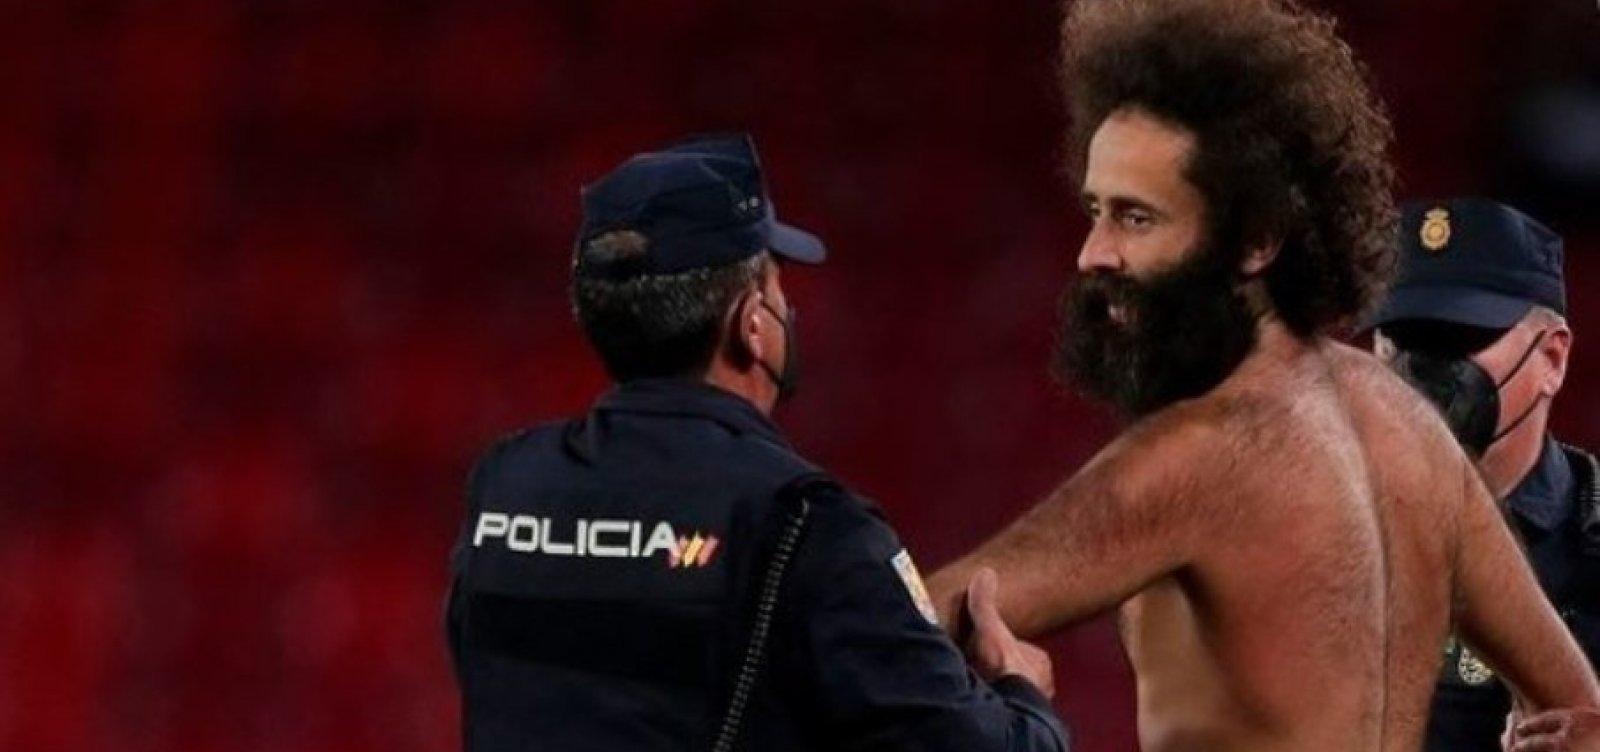 Homem nu invade campo em jogo entre Granada e Manchester United